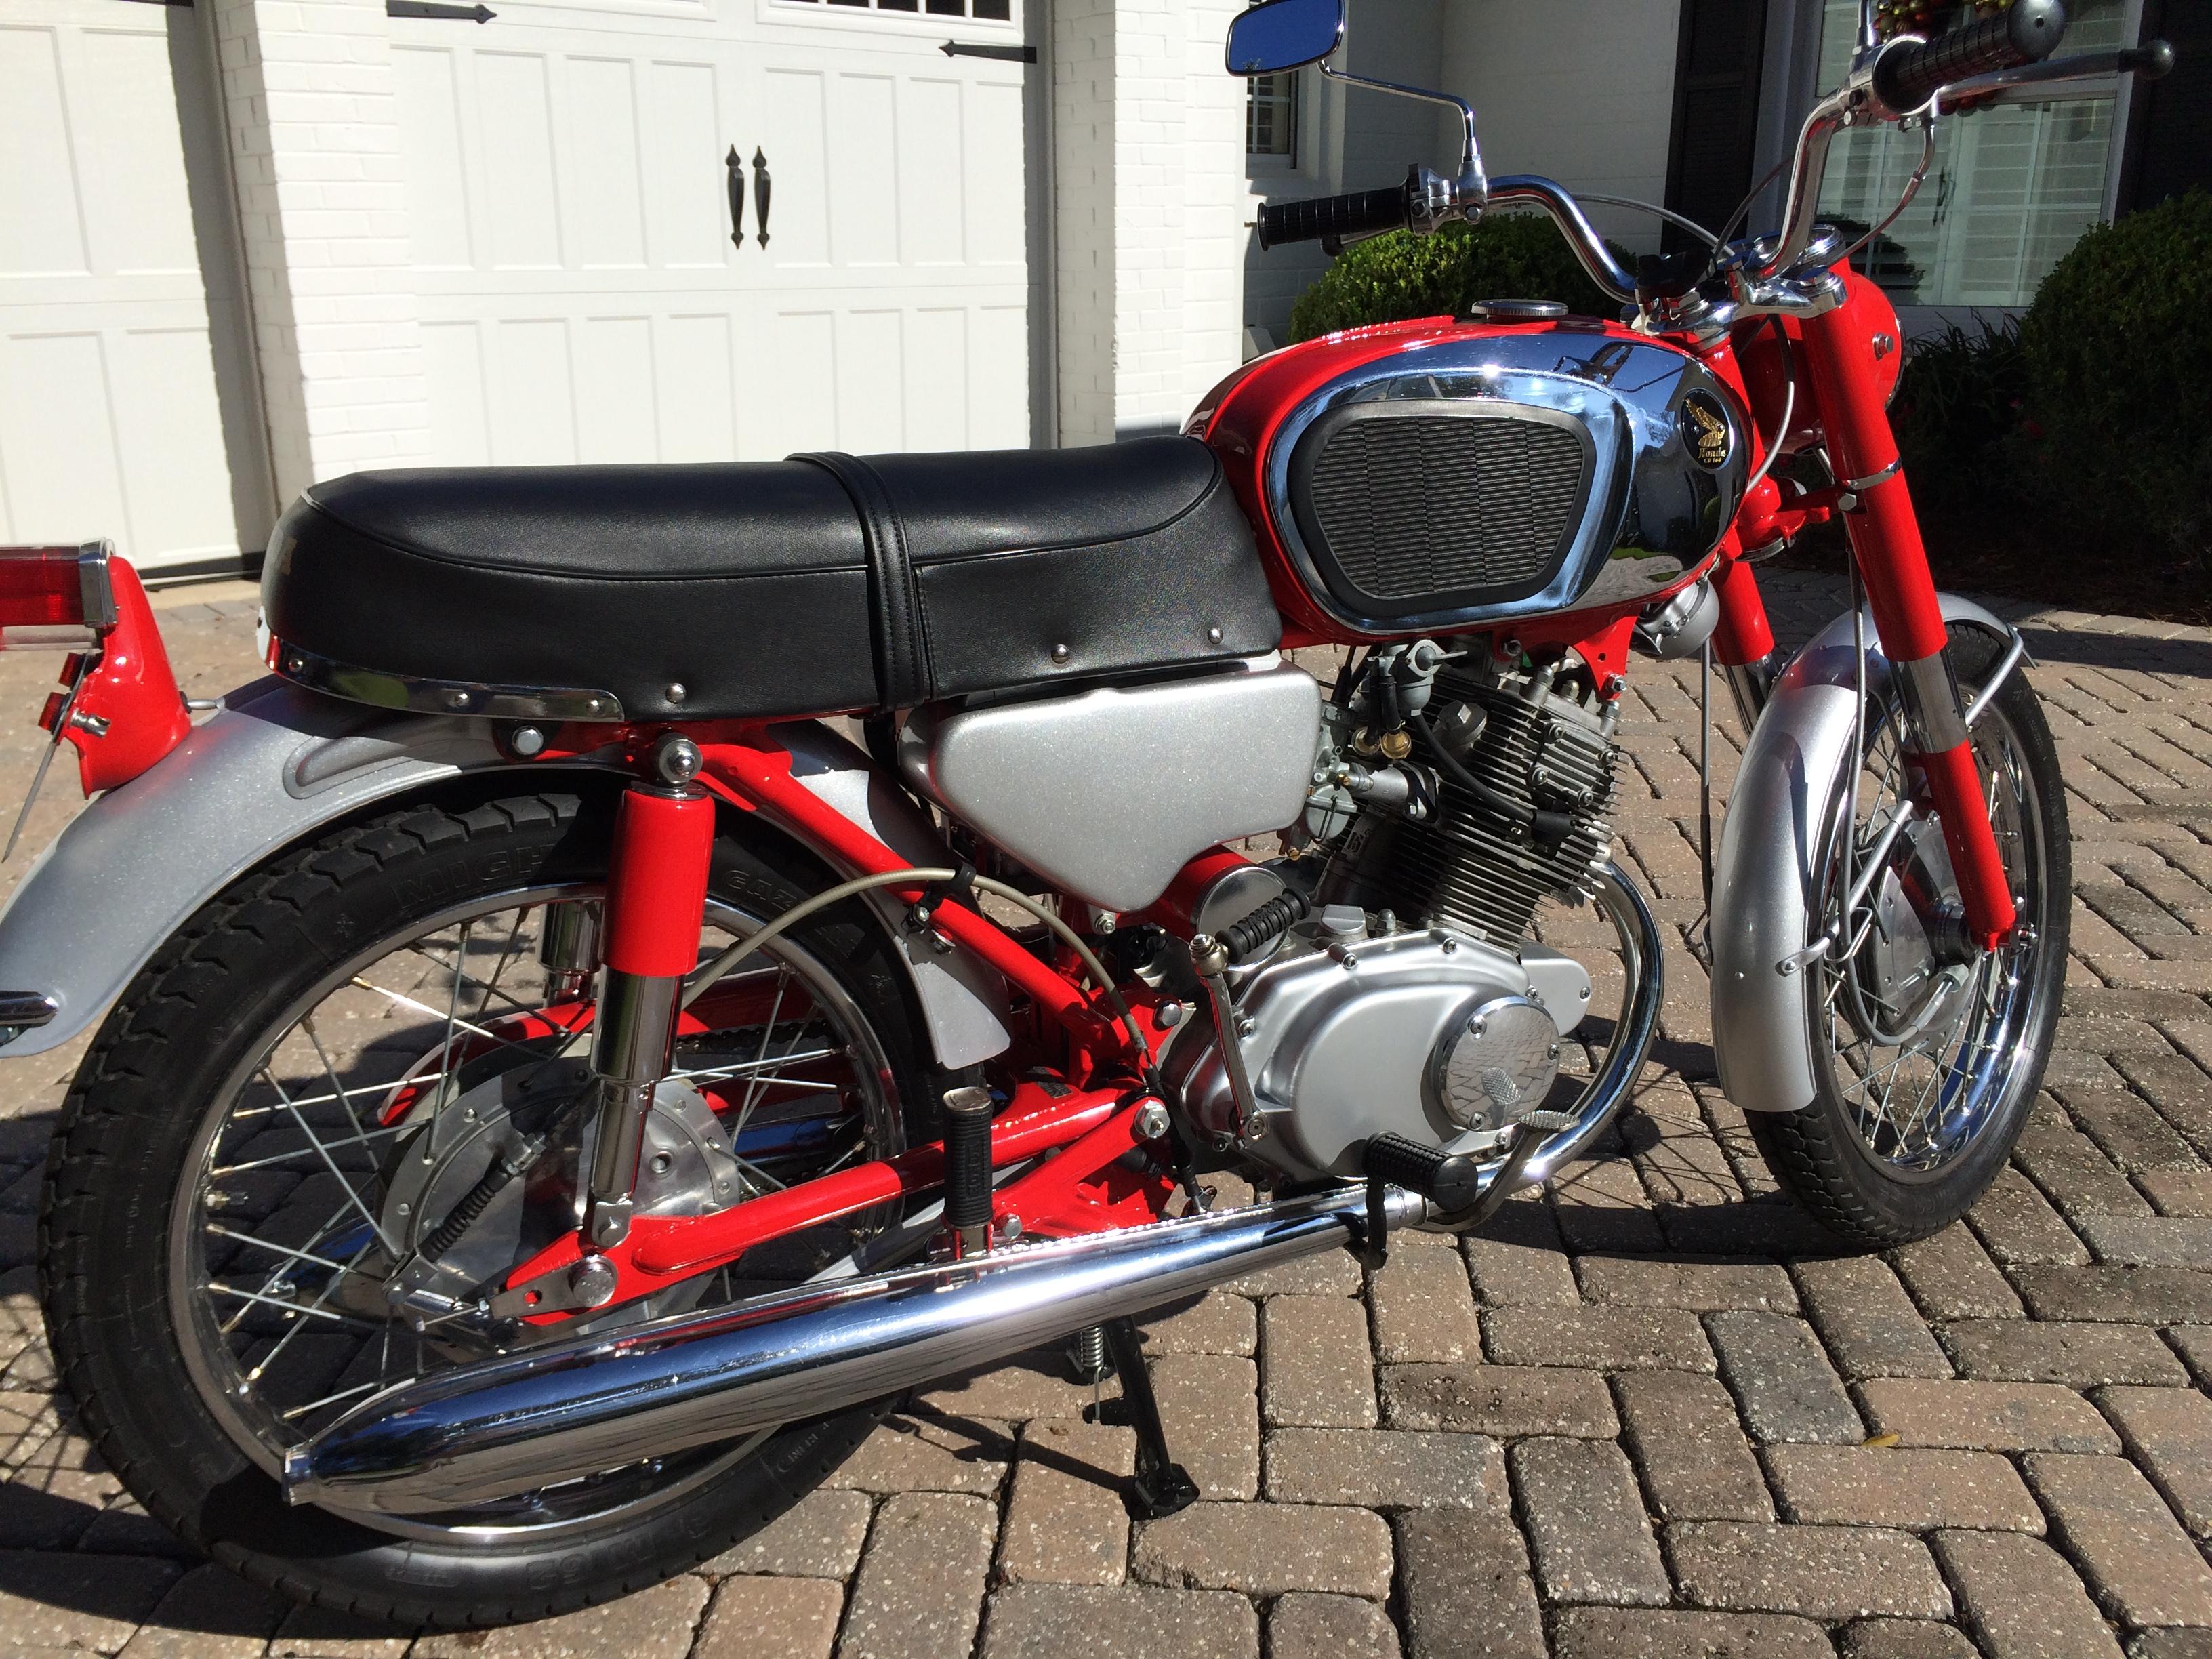 Honda Jacksonville Fl >> Restored 1965 Honda CB160 for sale on ebay